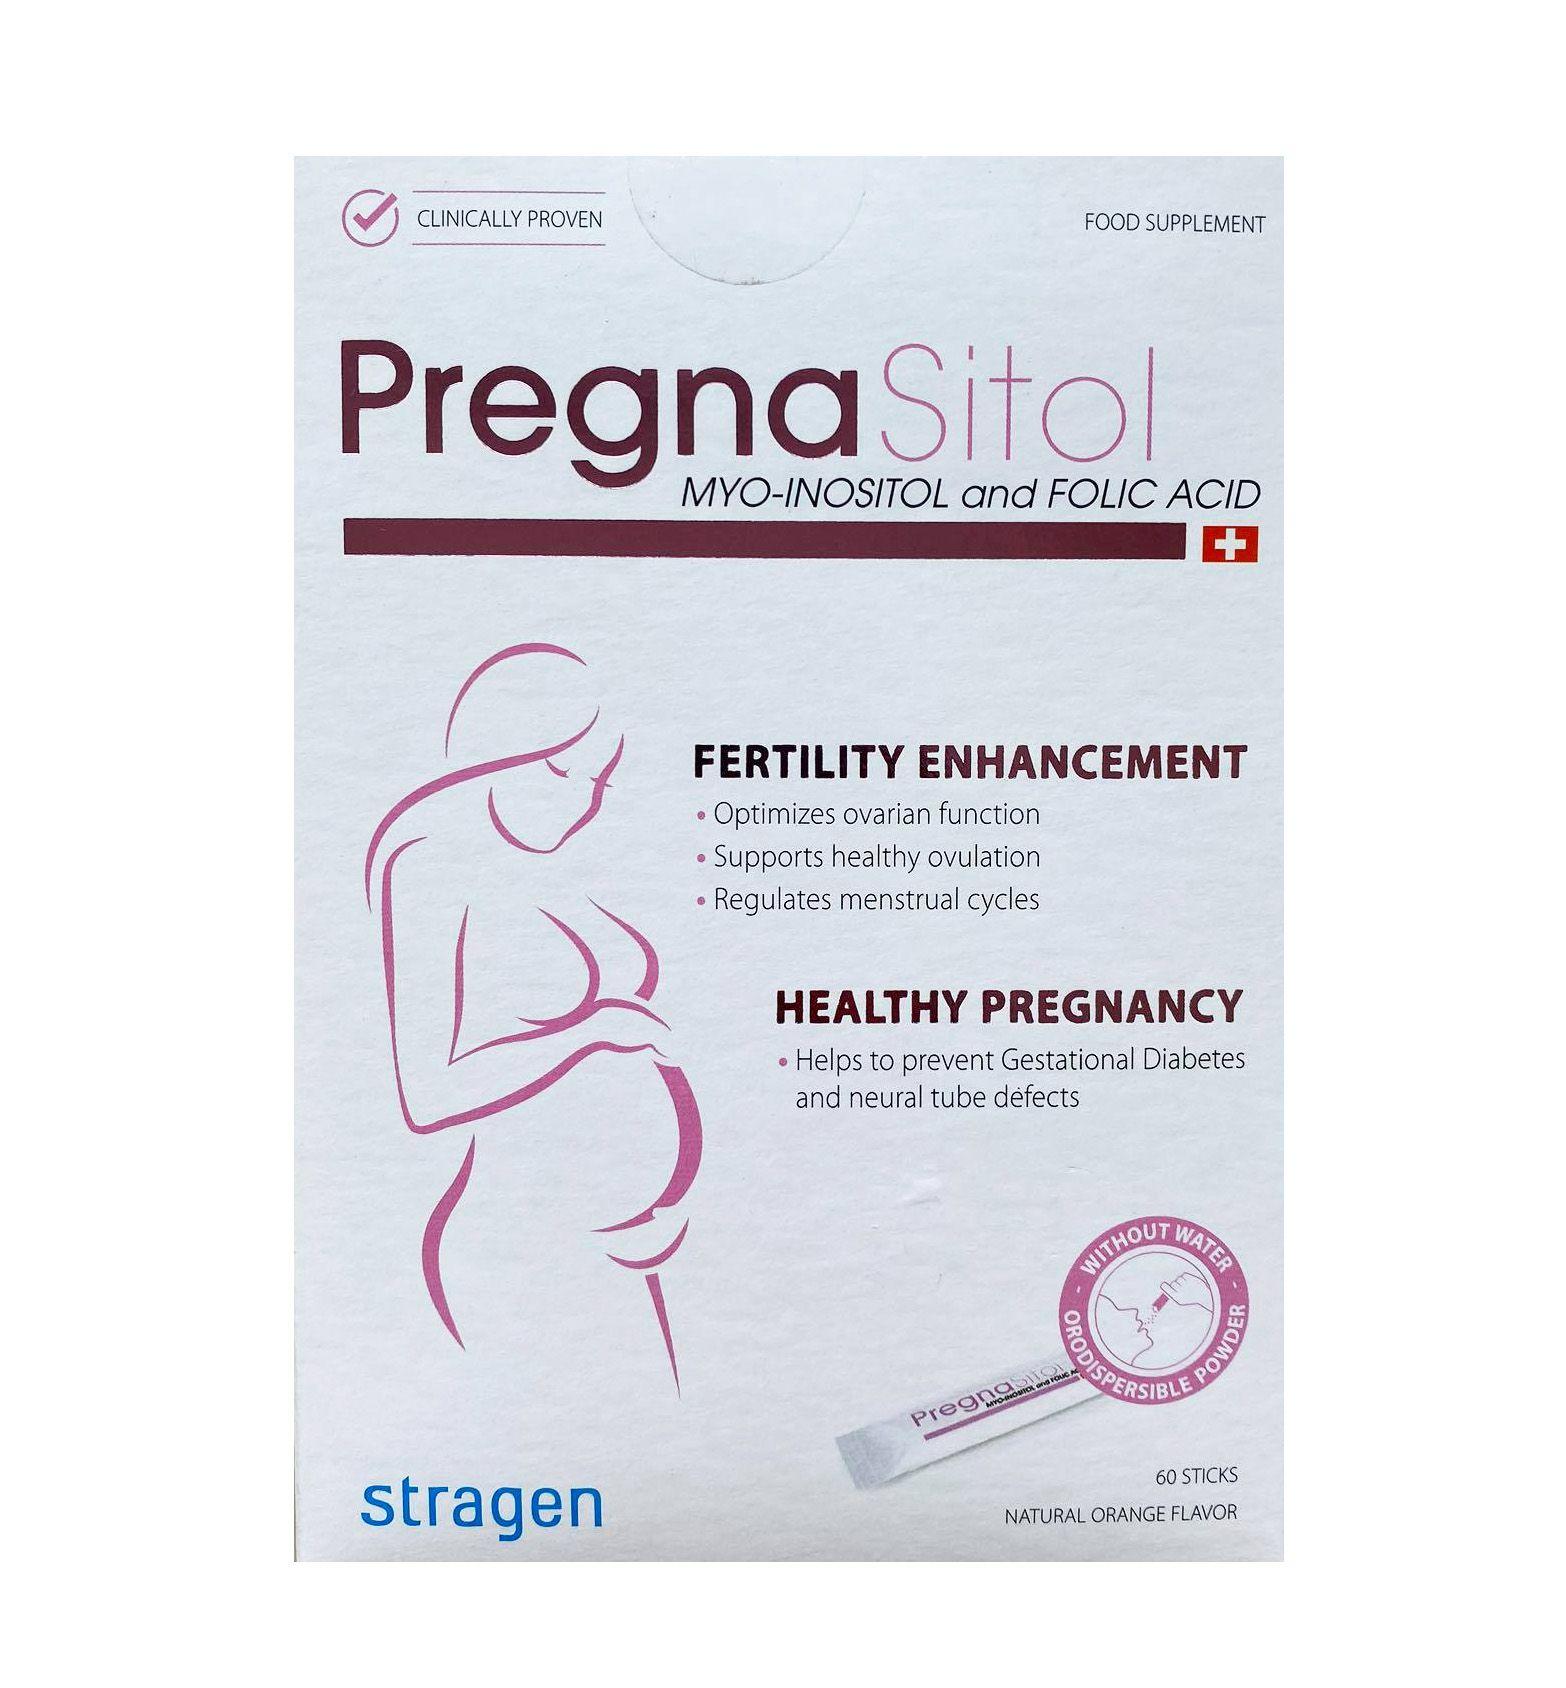 Gói uống Pregnasitol hỗ trợ tăng cường khả năng rụng trứng và thụ thai